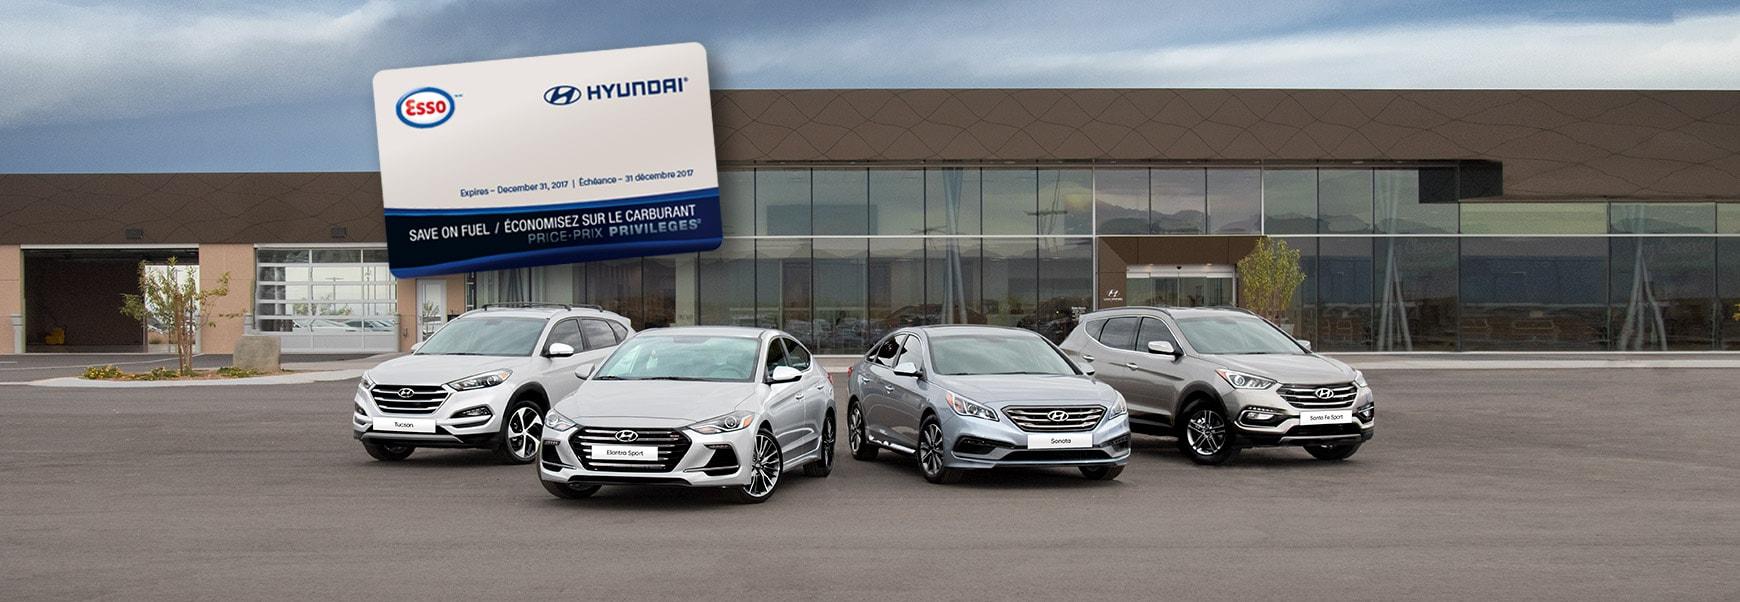 Grande Prairie Hyundai >> Esso Grande Prairie Hyundai